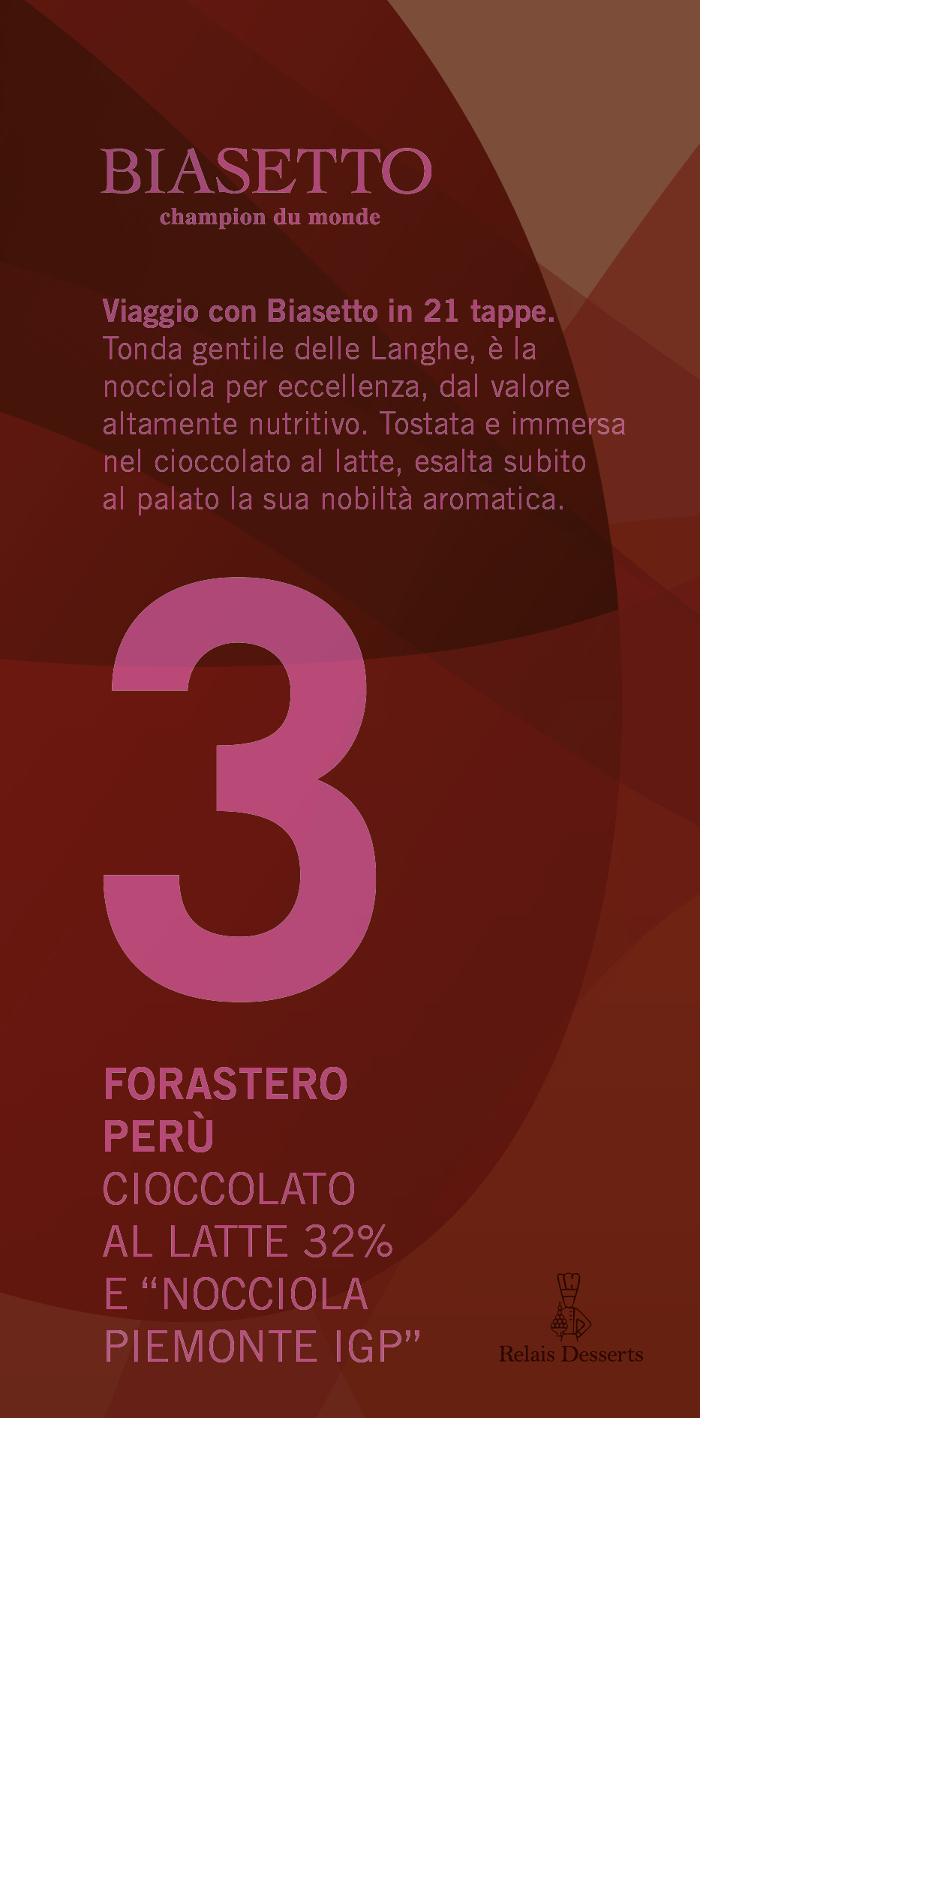 Tavoletta 3: Forastero Perù al latte 32%, con